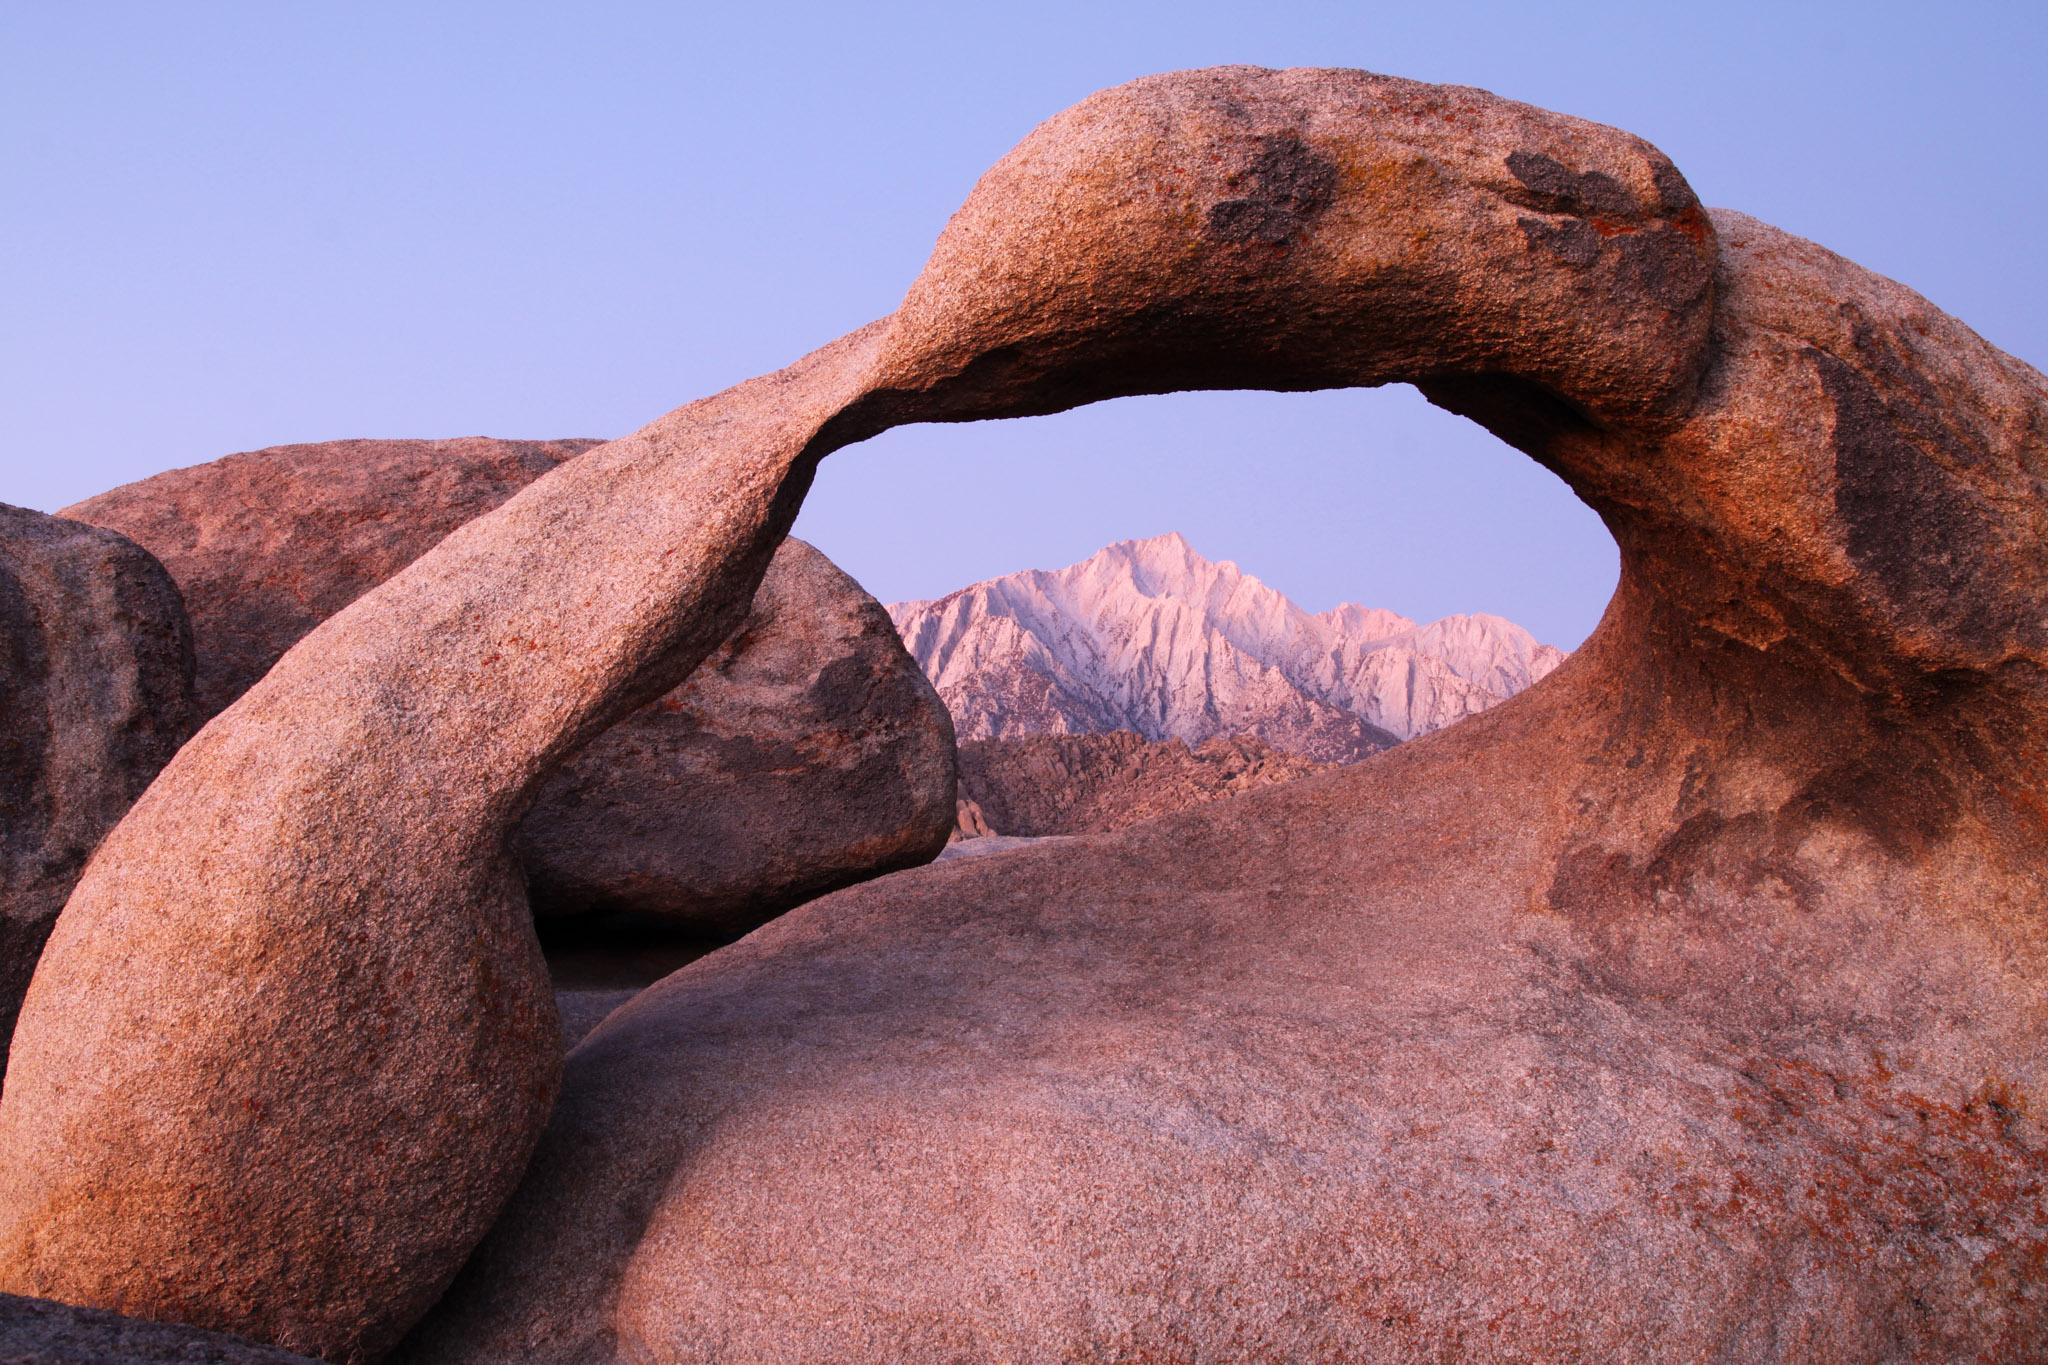 Moebius Arch at sunrise, Alabama Hills, California